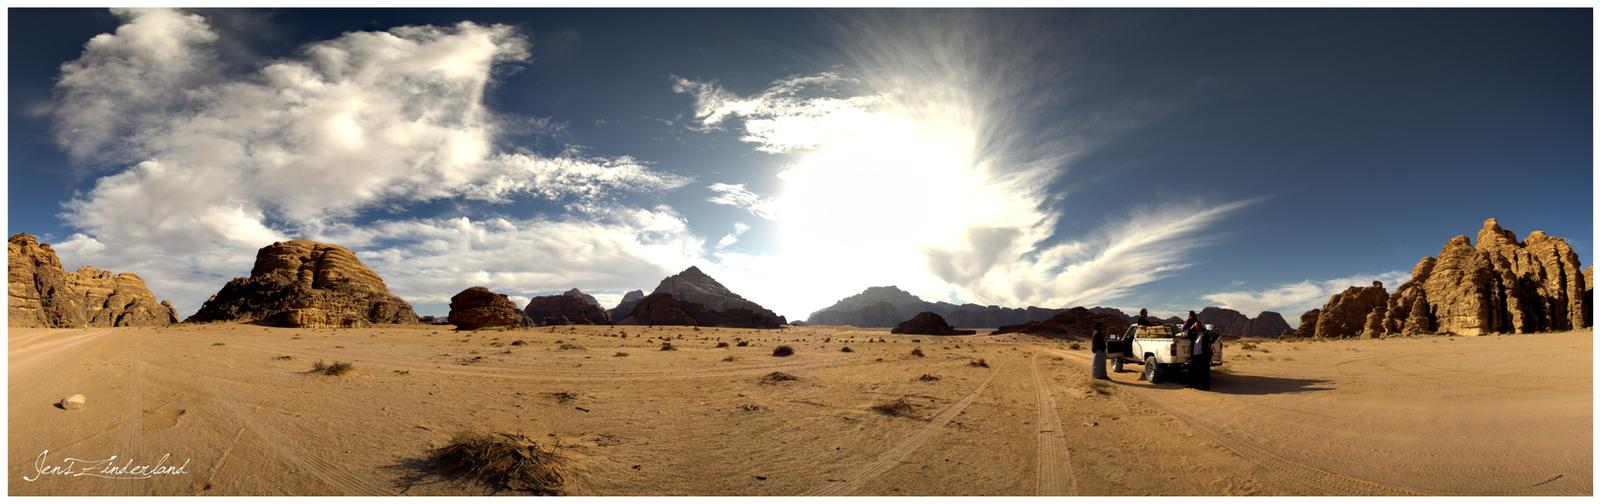 Wadi Rum by Jensfromsweden